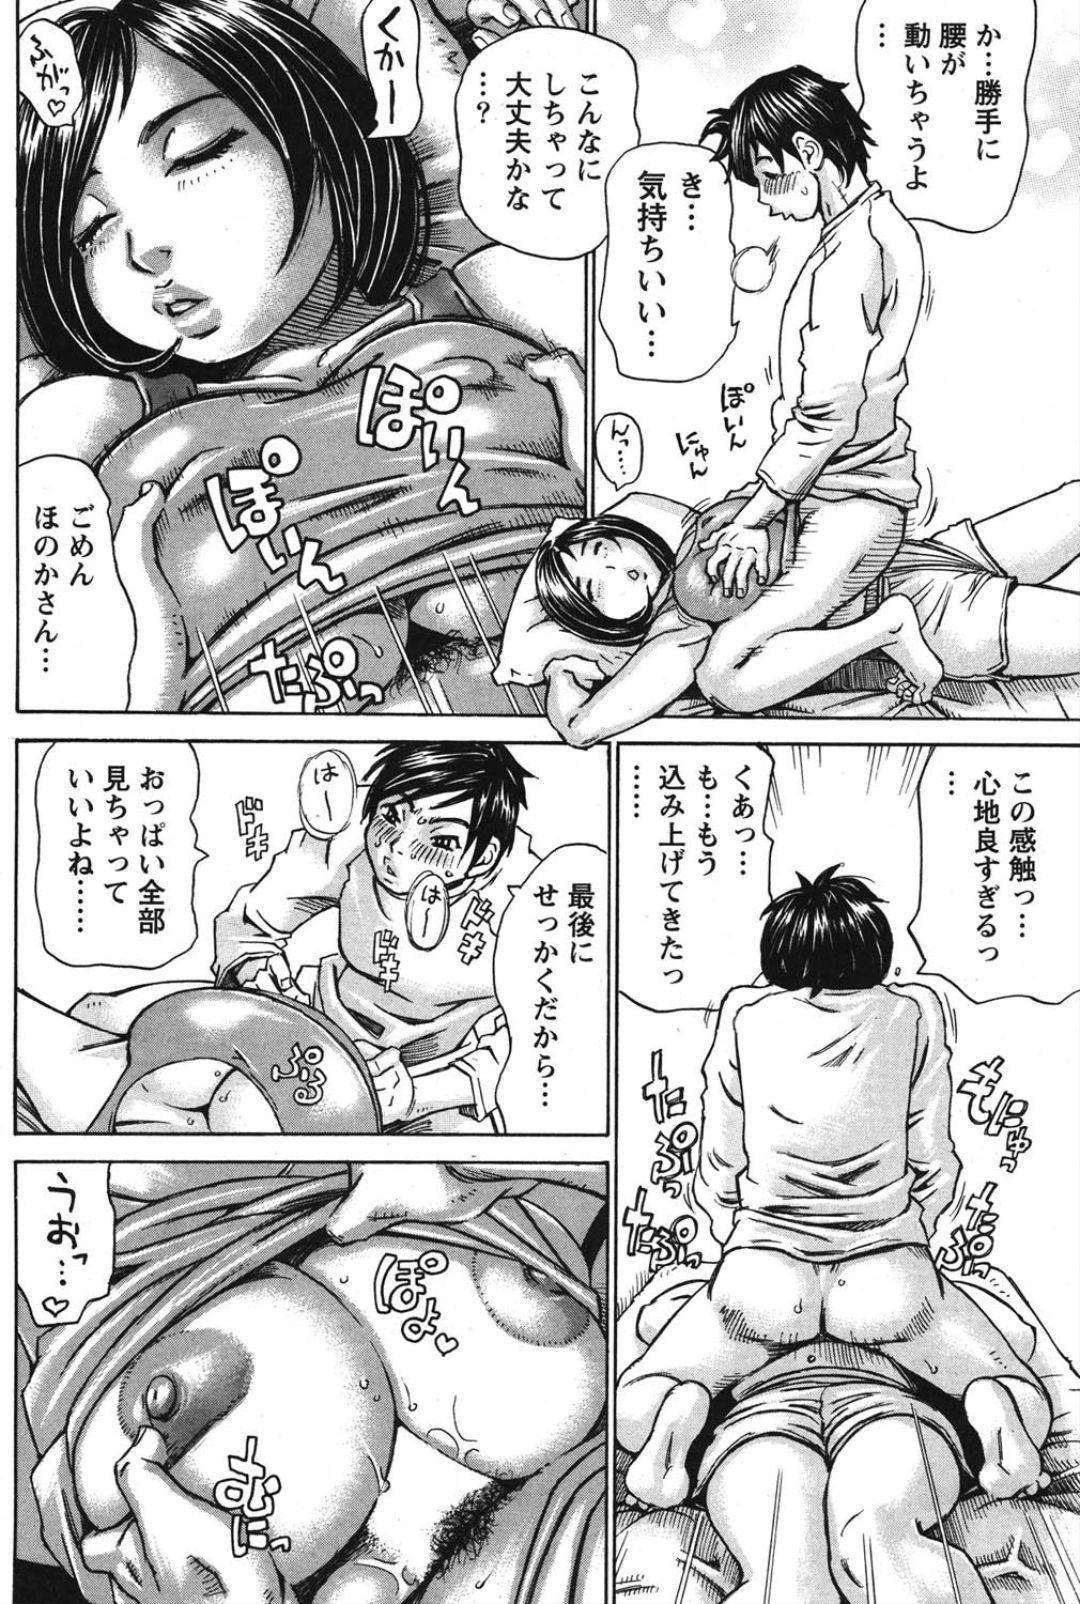 Nariyuki no Honoka-san 3